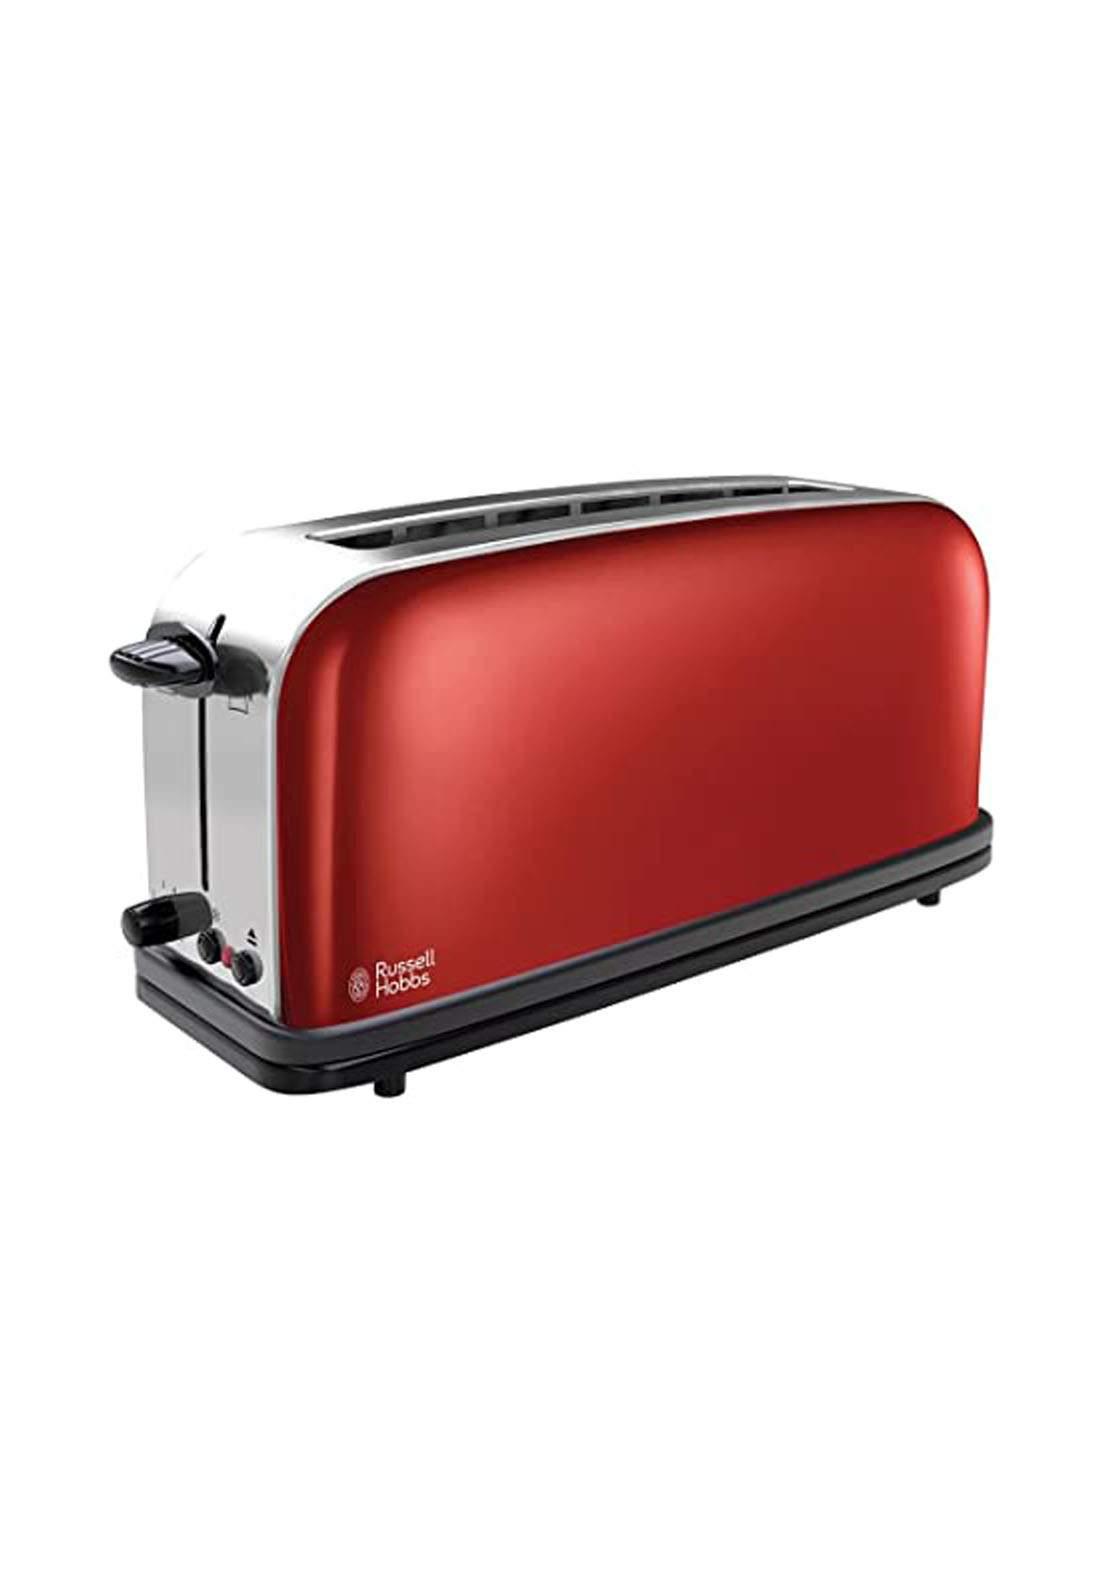 Russell hobbs 21391 Toaster محمصة